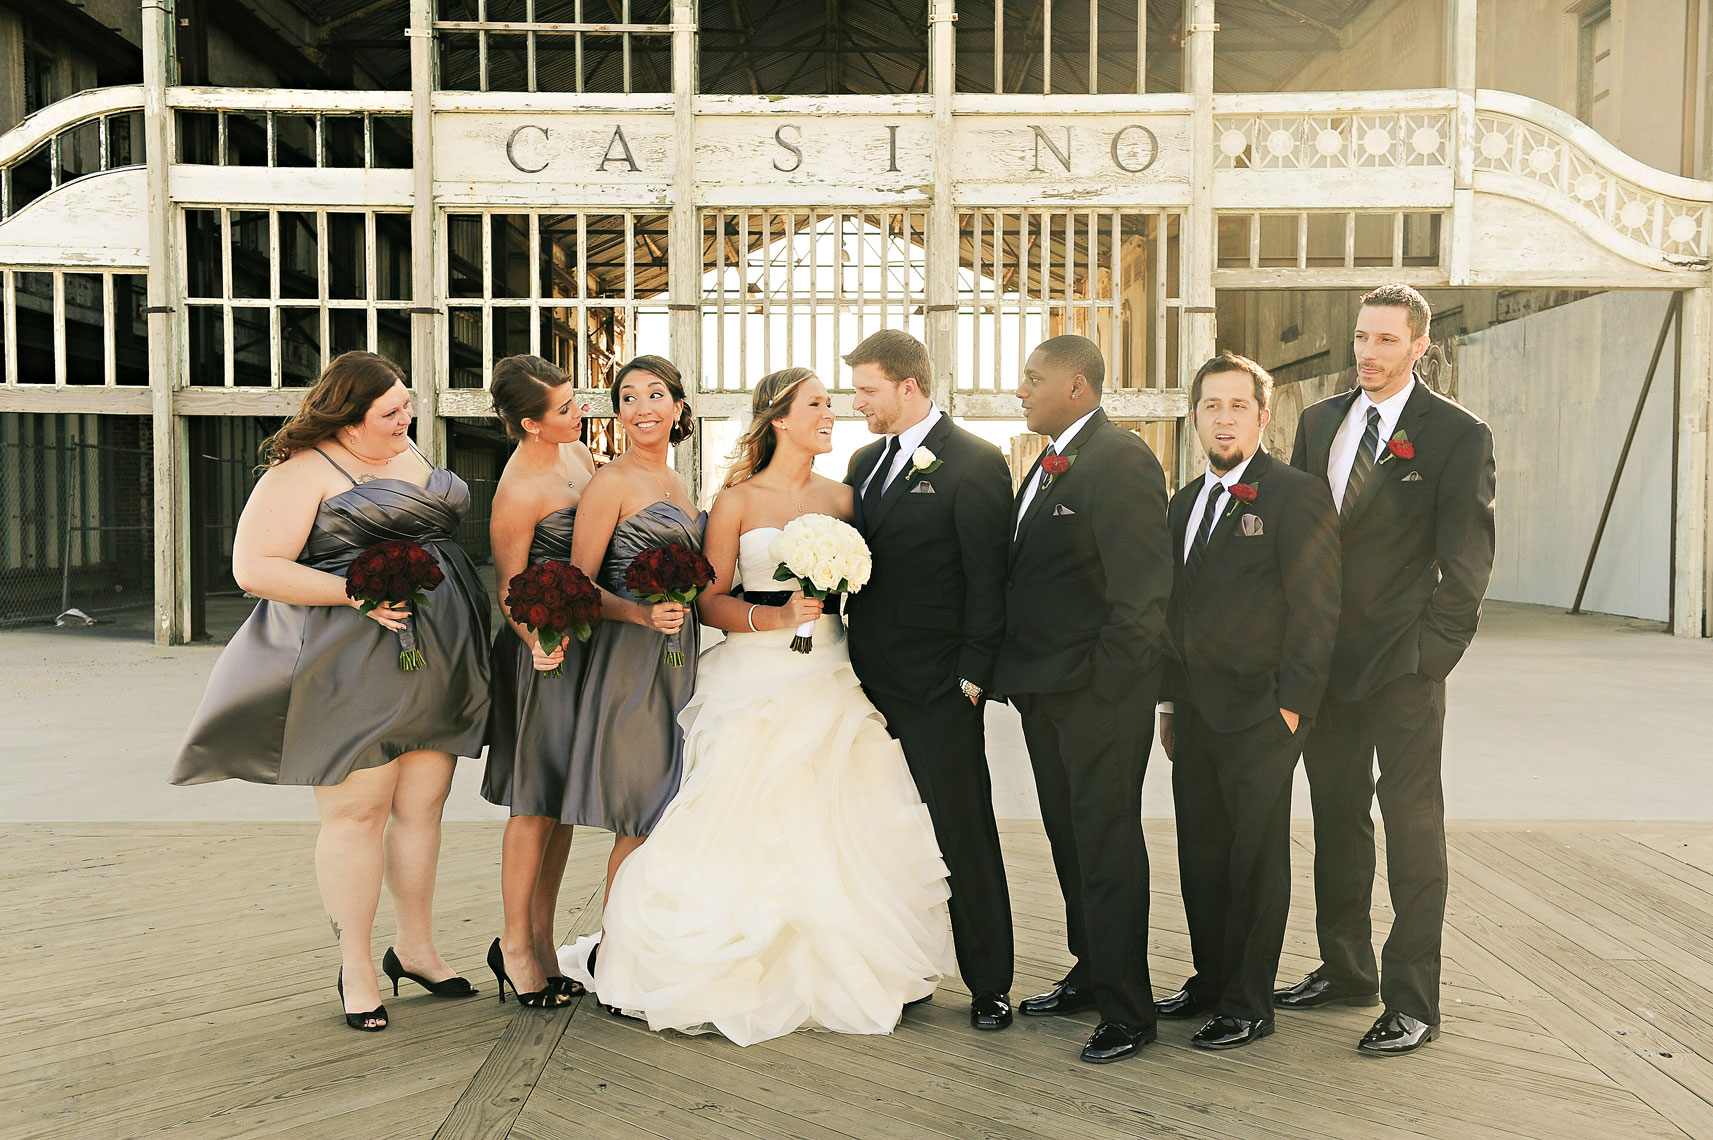 berkeleyoceanfrontwedding-081